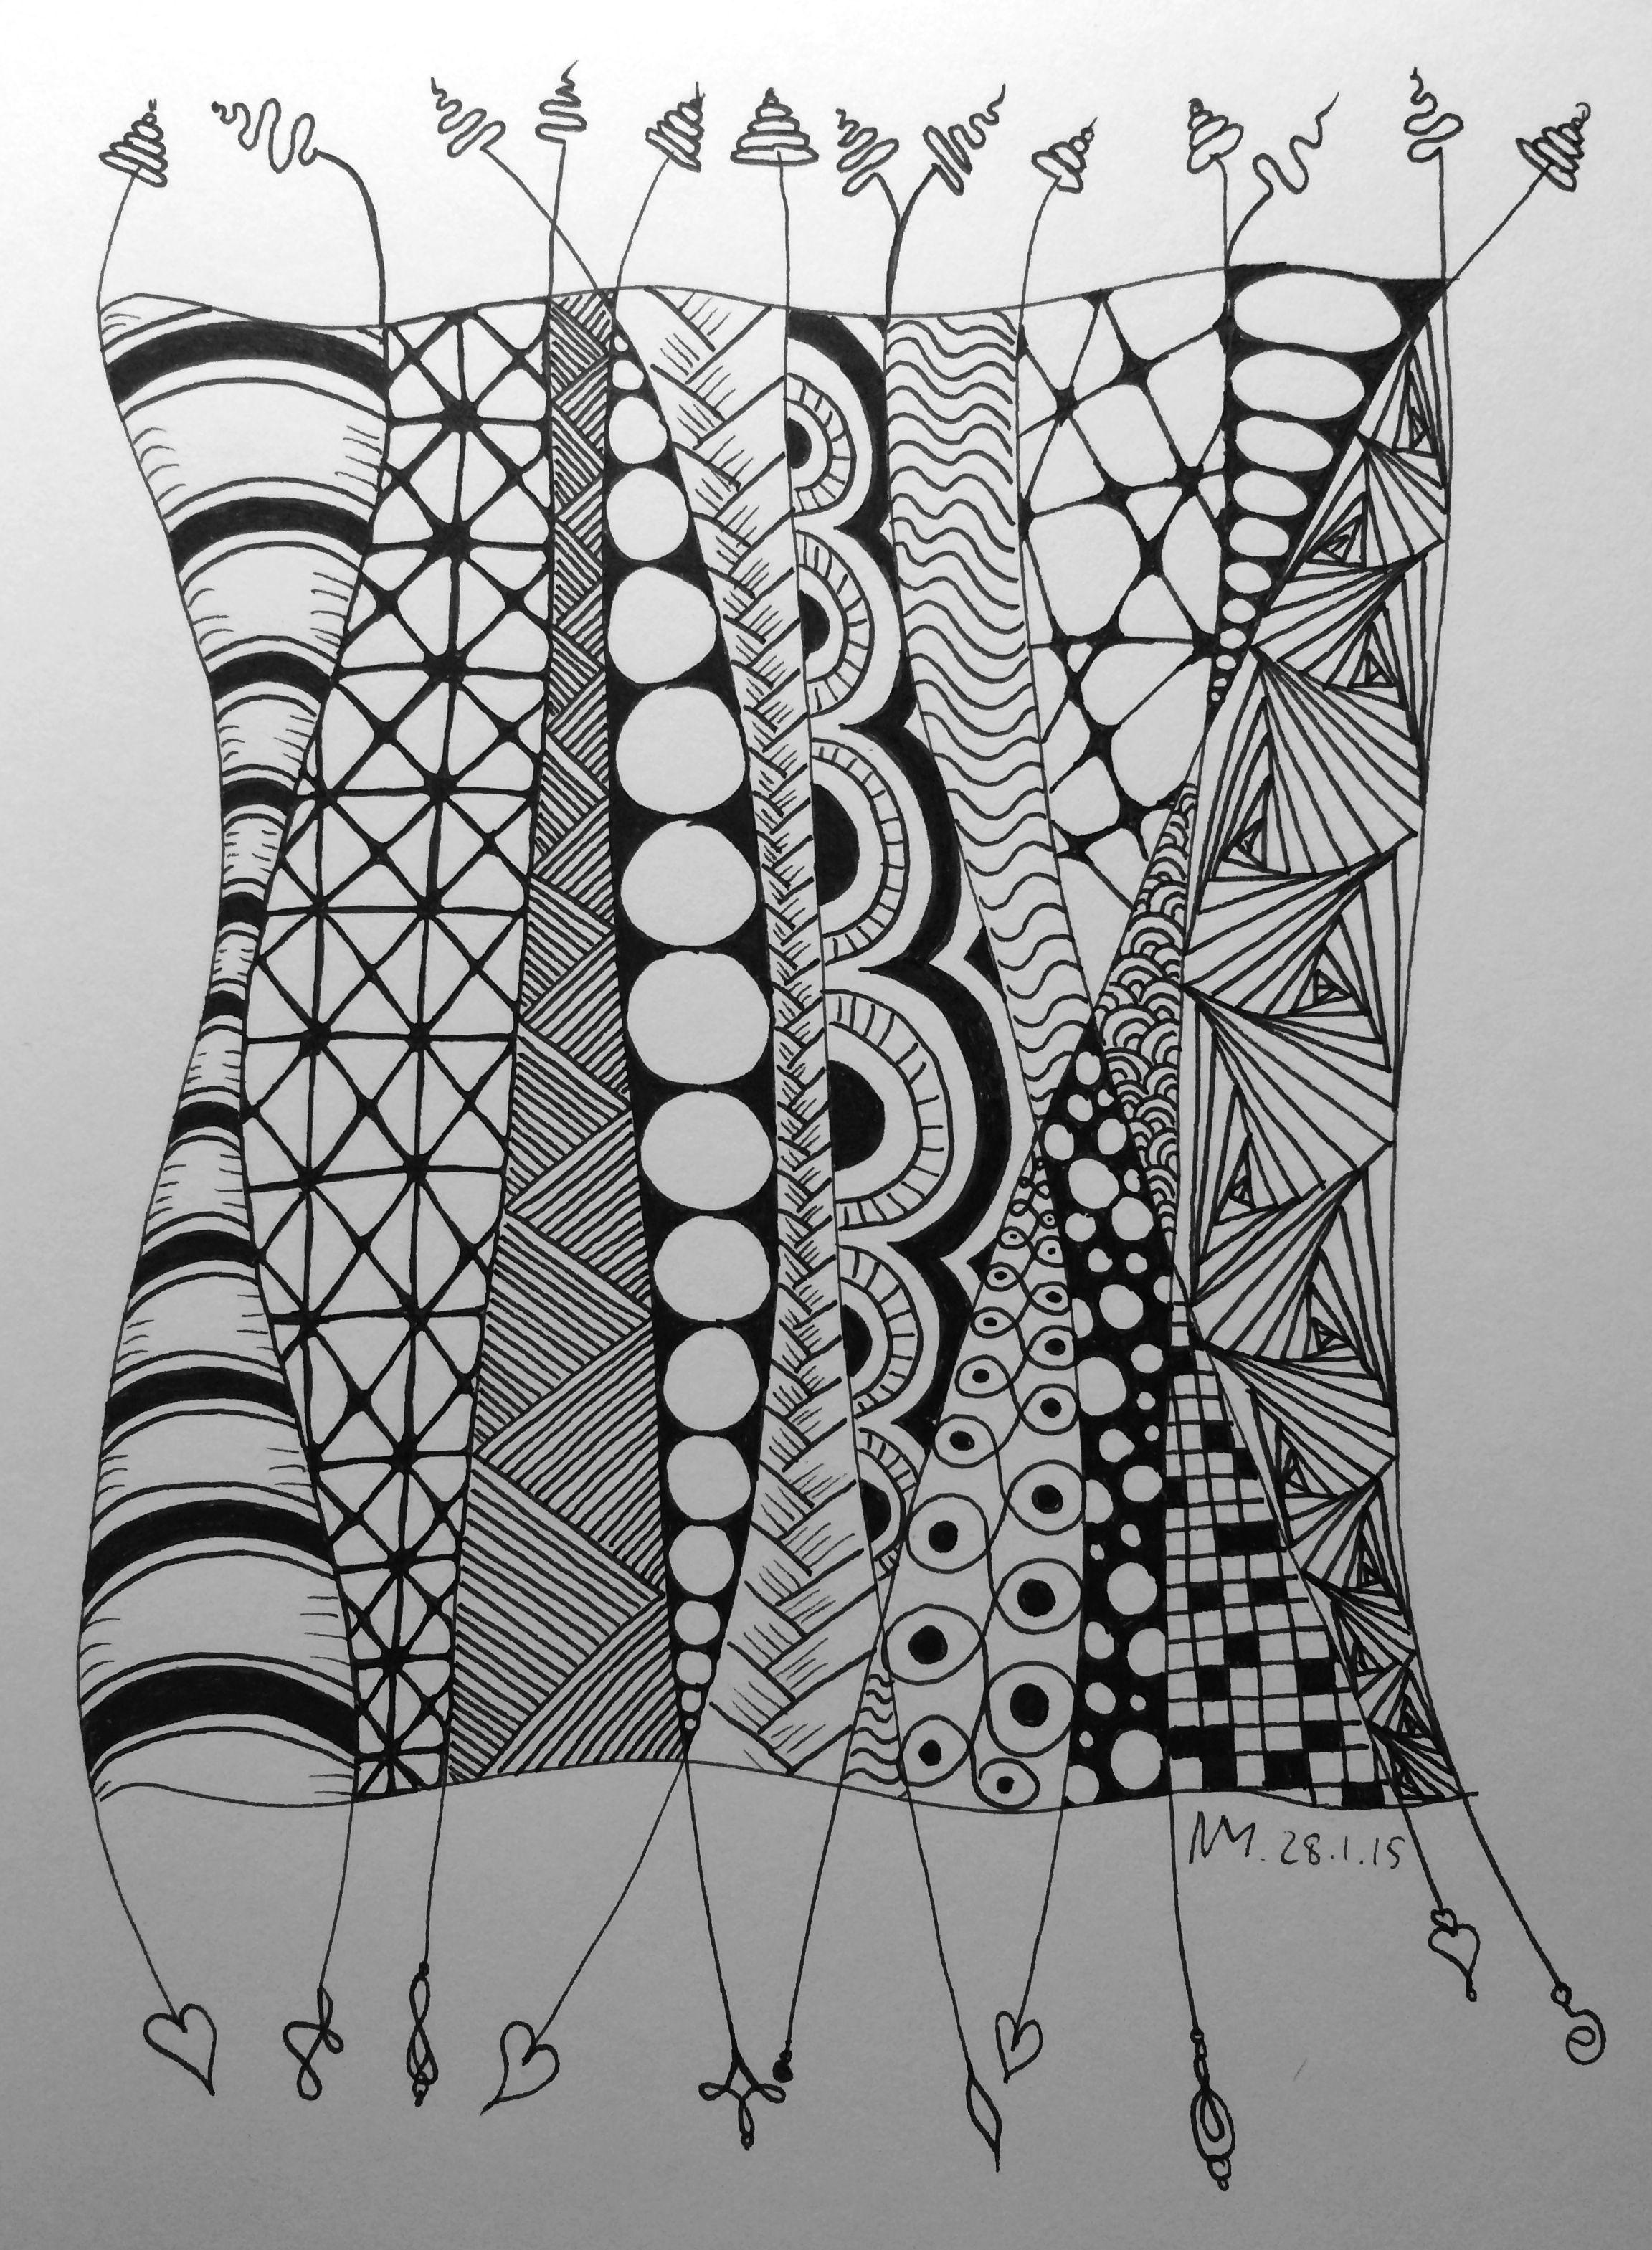 Erinnert Mich An Afrikanische Frauen In Ihren Bunt Gemusterten Gewandern Afrikanischefrauen Erinnert Mich Afrikanische Muster Muster Malvorlagen Muster Malen